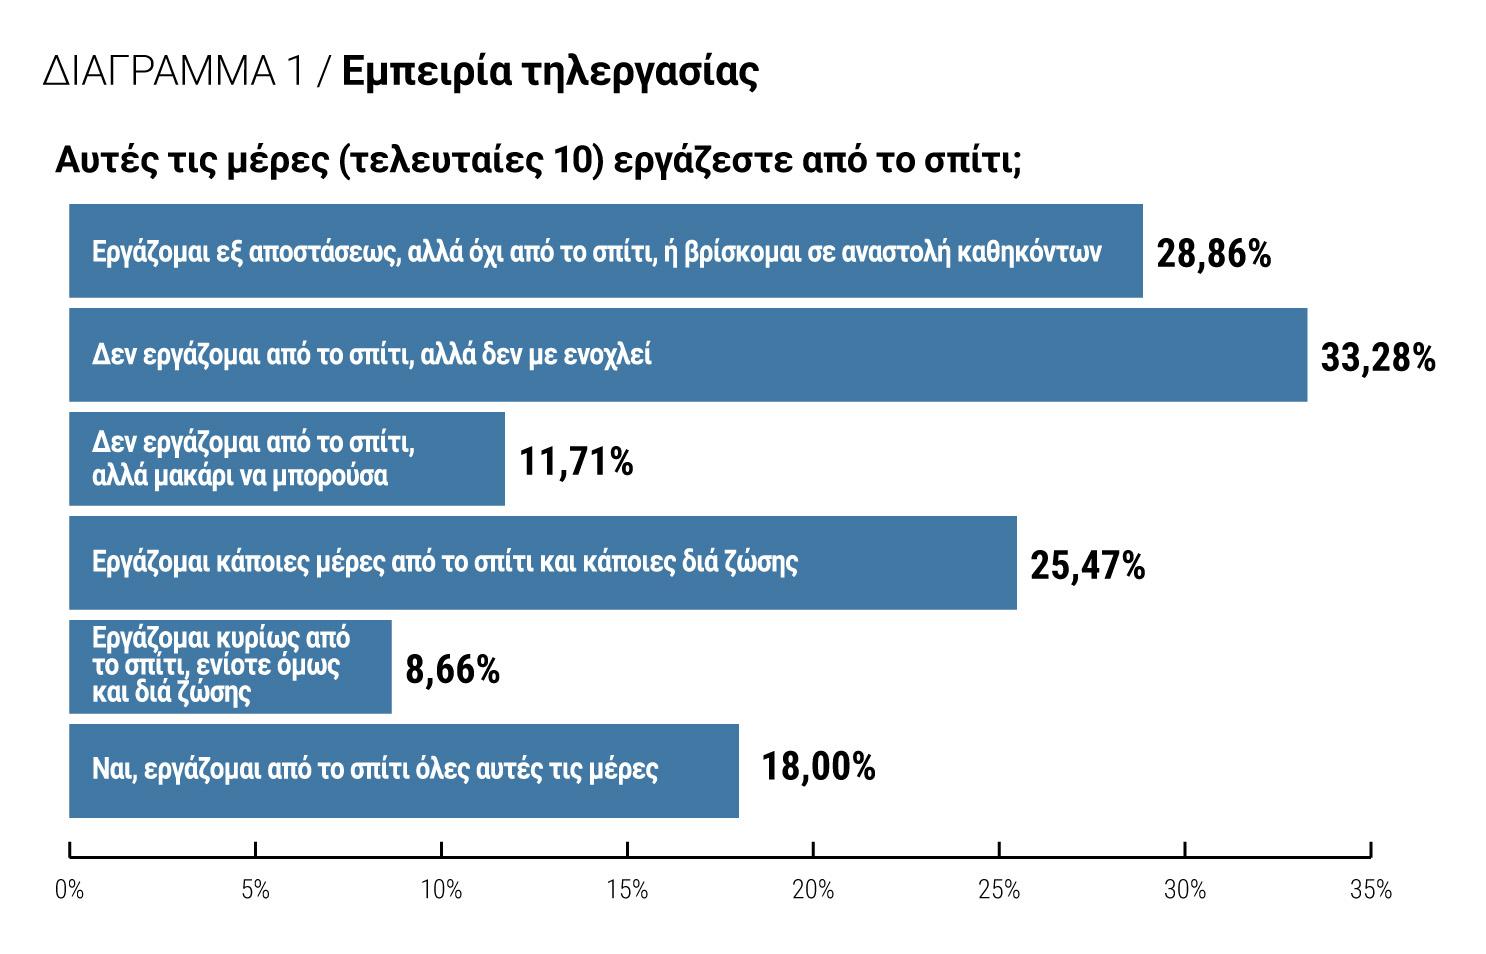 Διάγραμμα 1: Εμπειρία τηλεργασίας